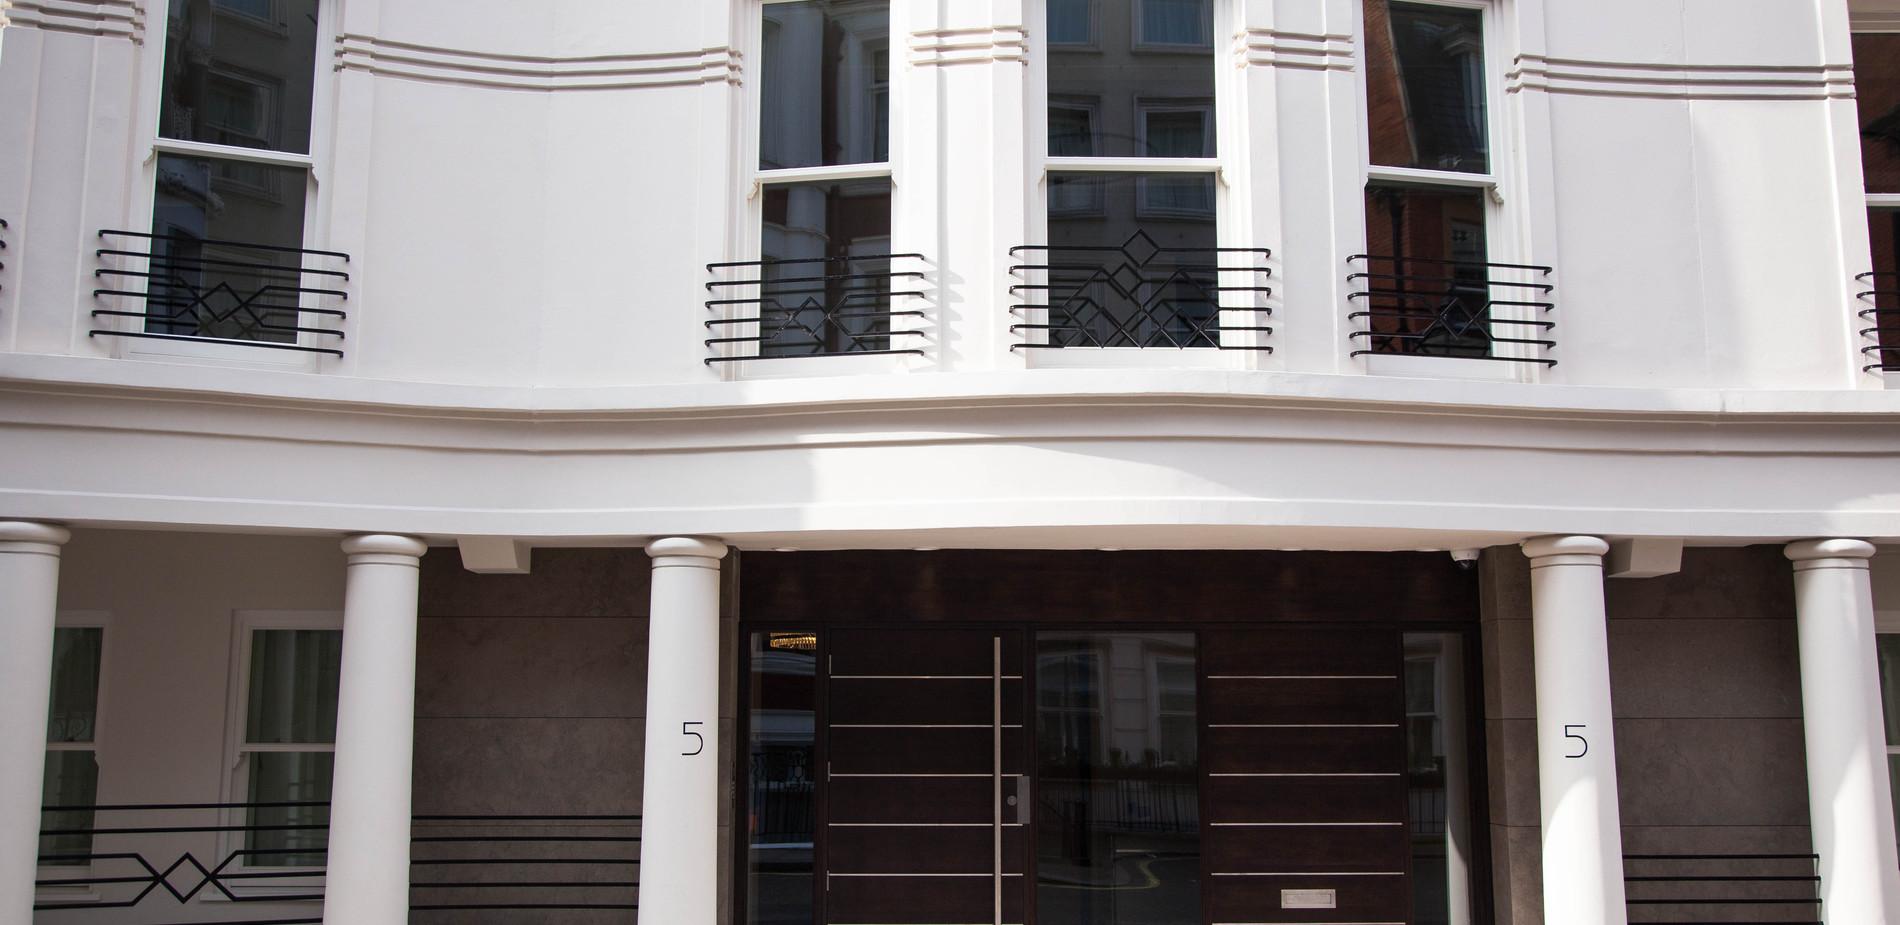 External doors and sash windows - London SW1